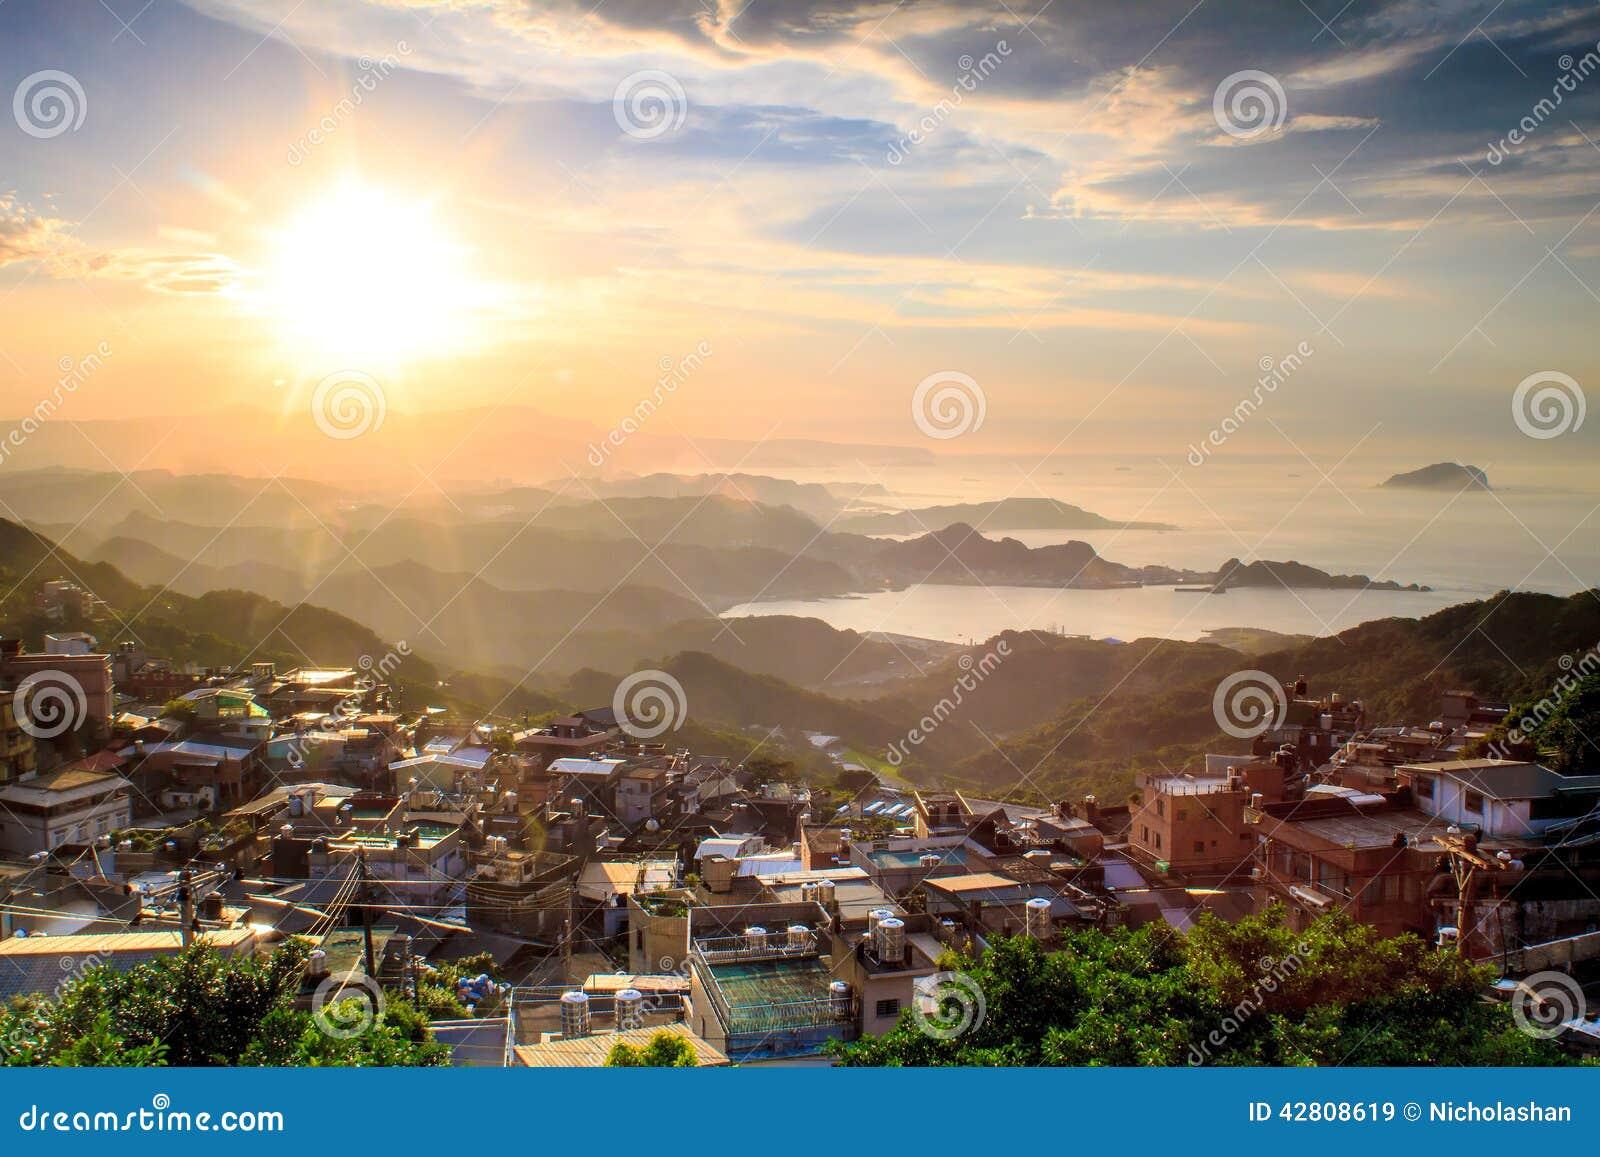 Le paysage de ville de montagne de bord de la mer dans for Paysage de ville